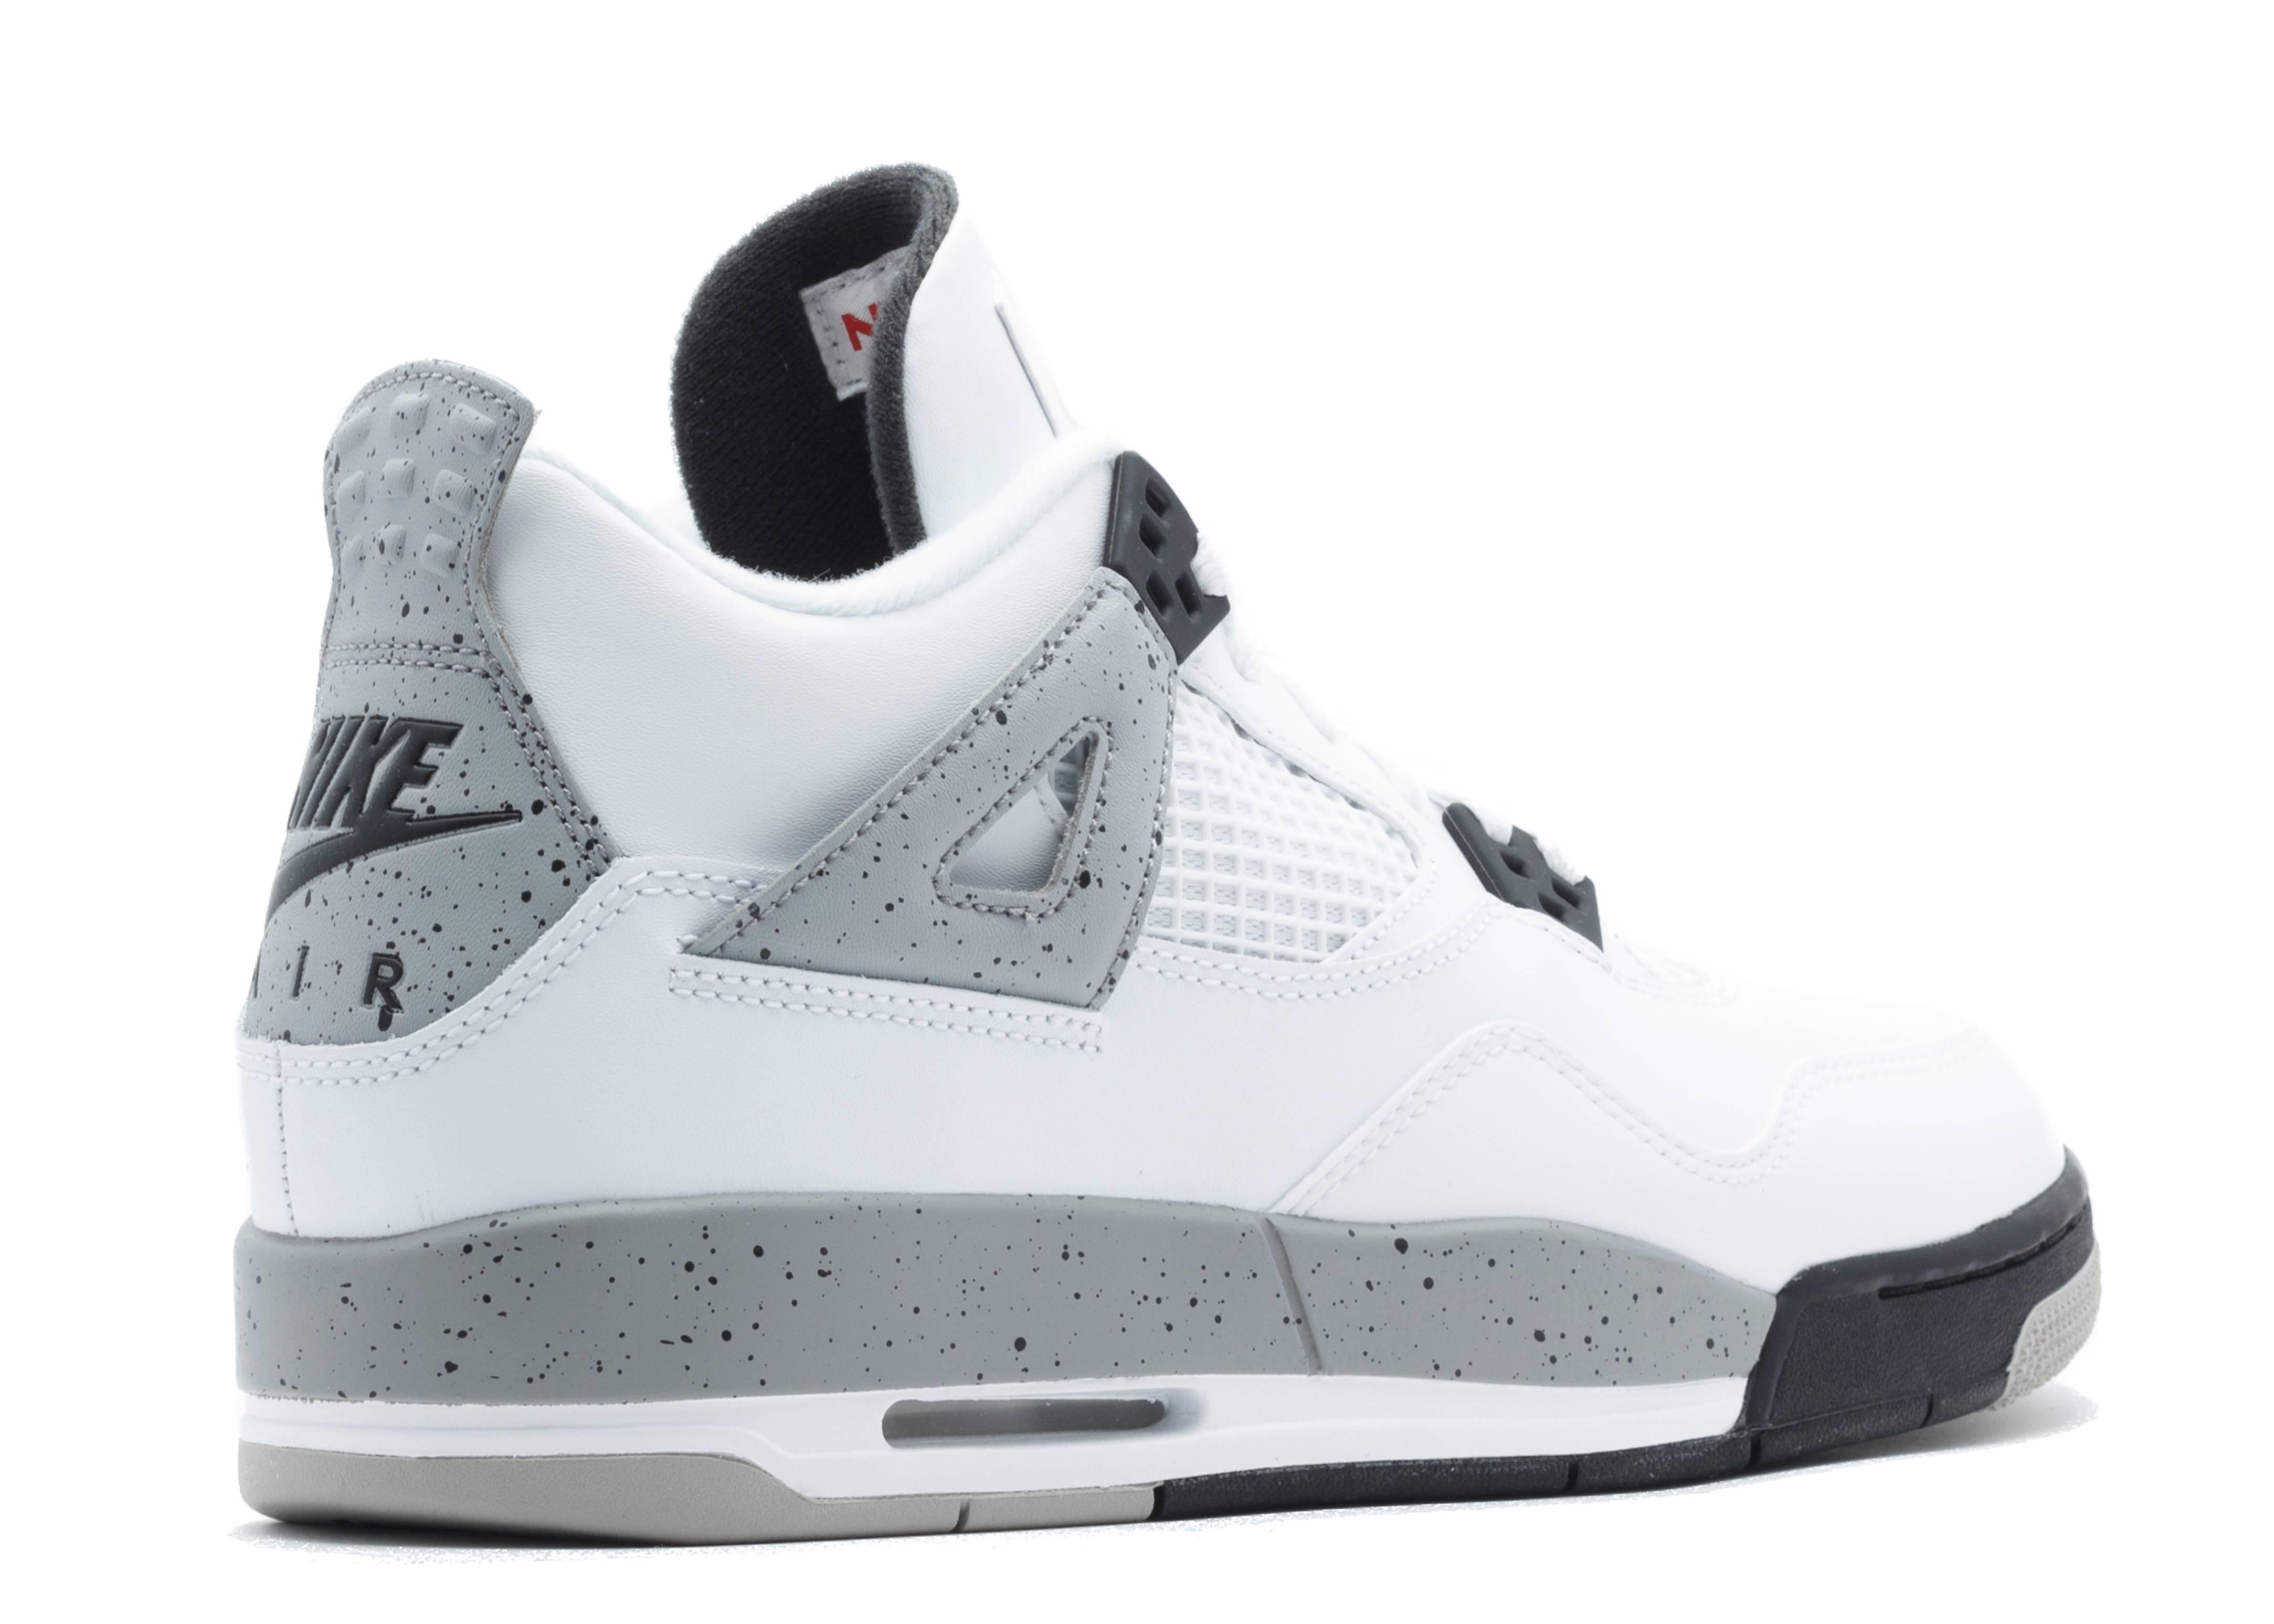 Jordan 4 Retro Og Cement